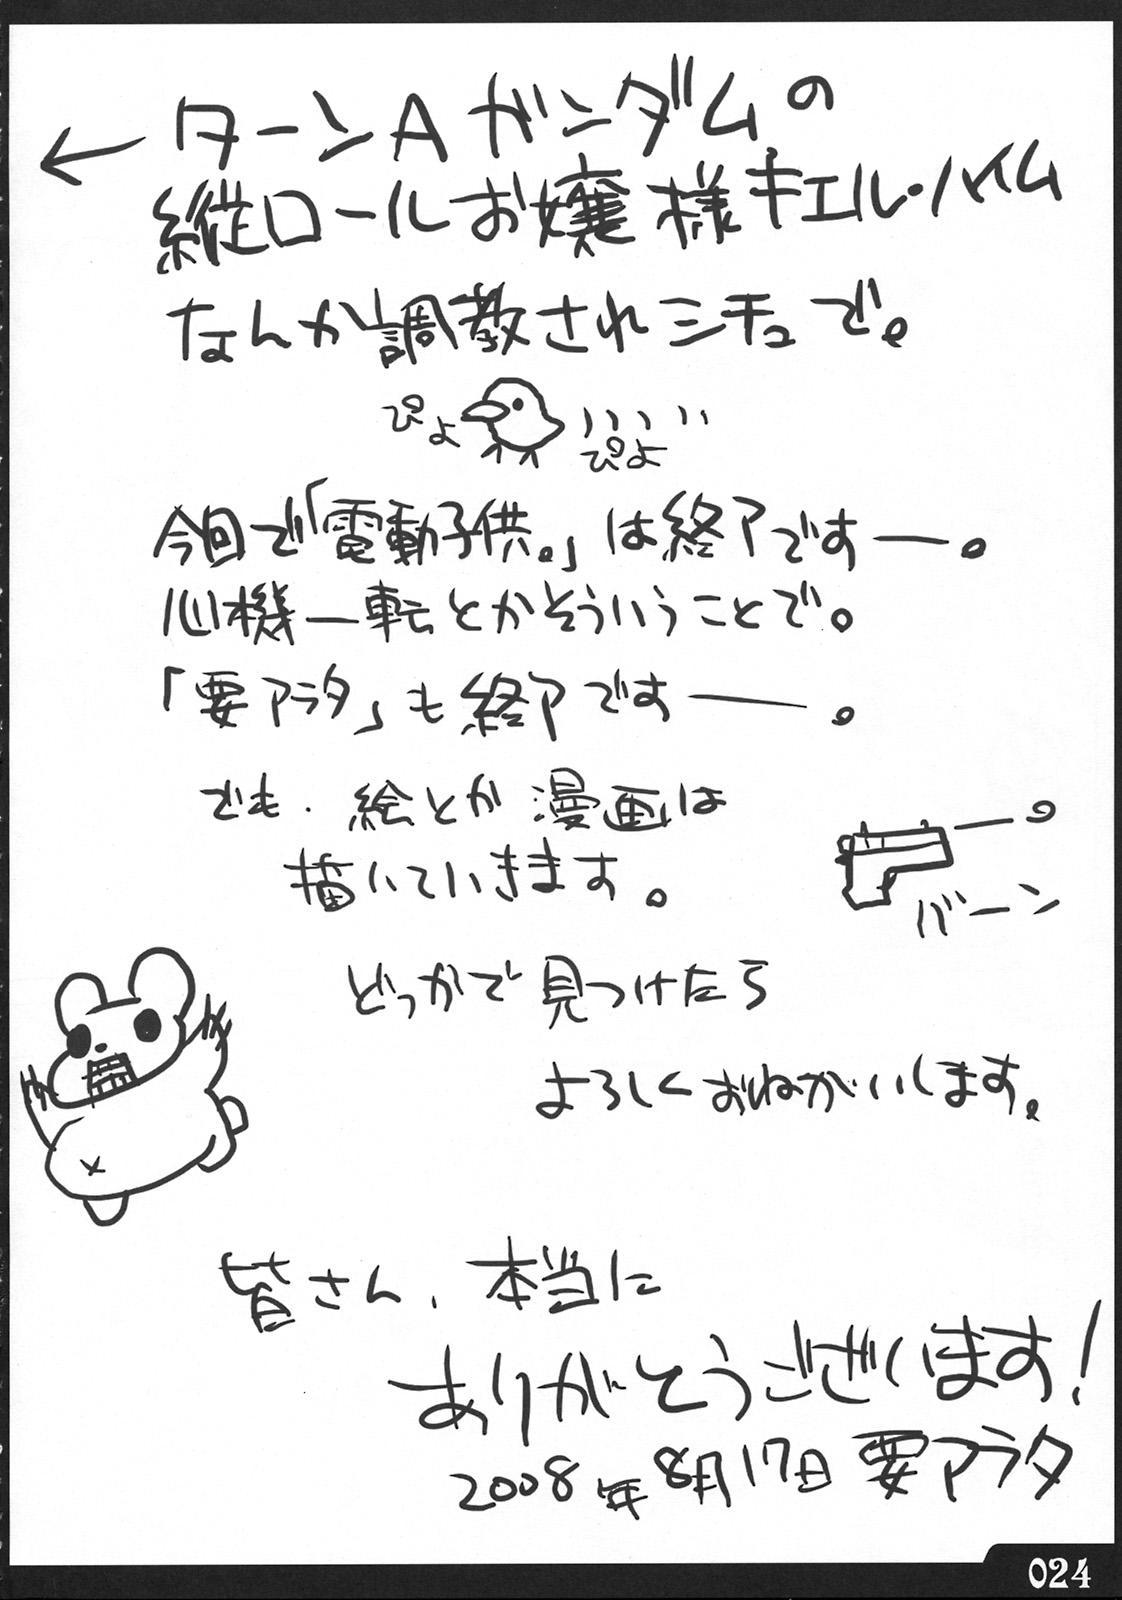 Saikyou tate-roll 22